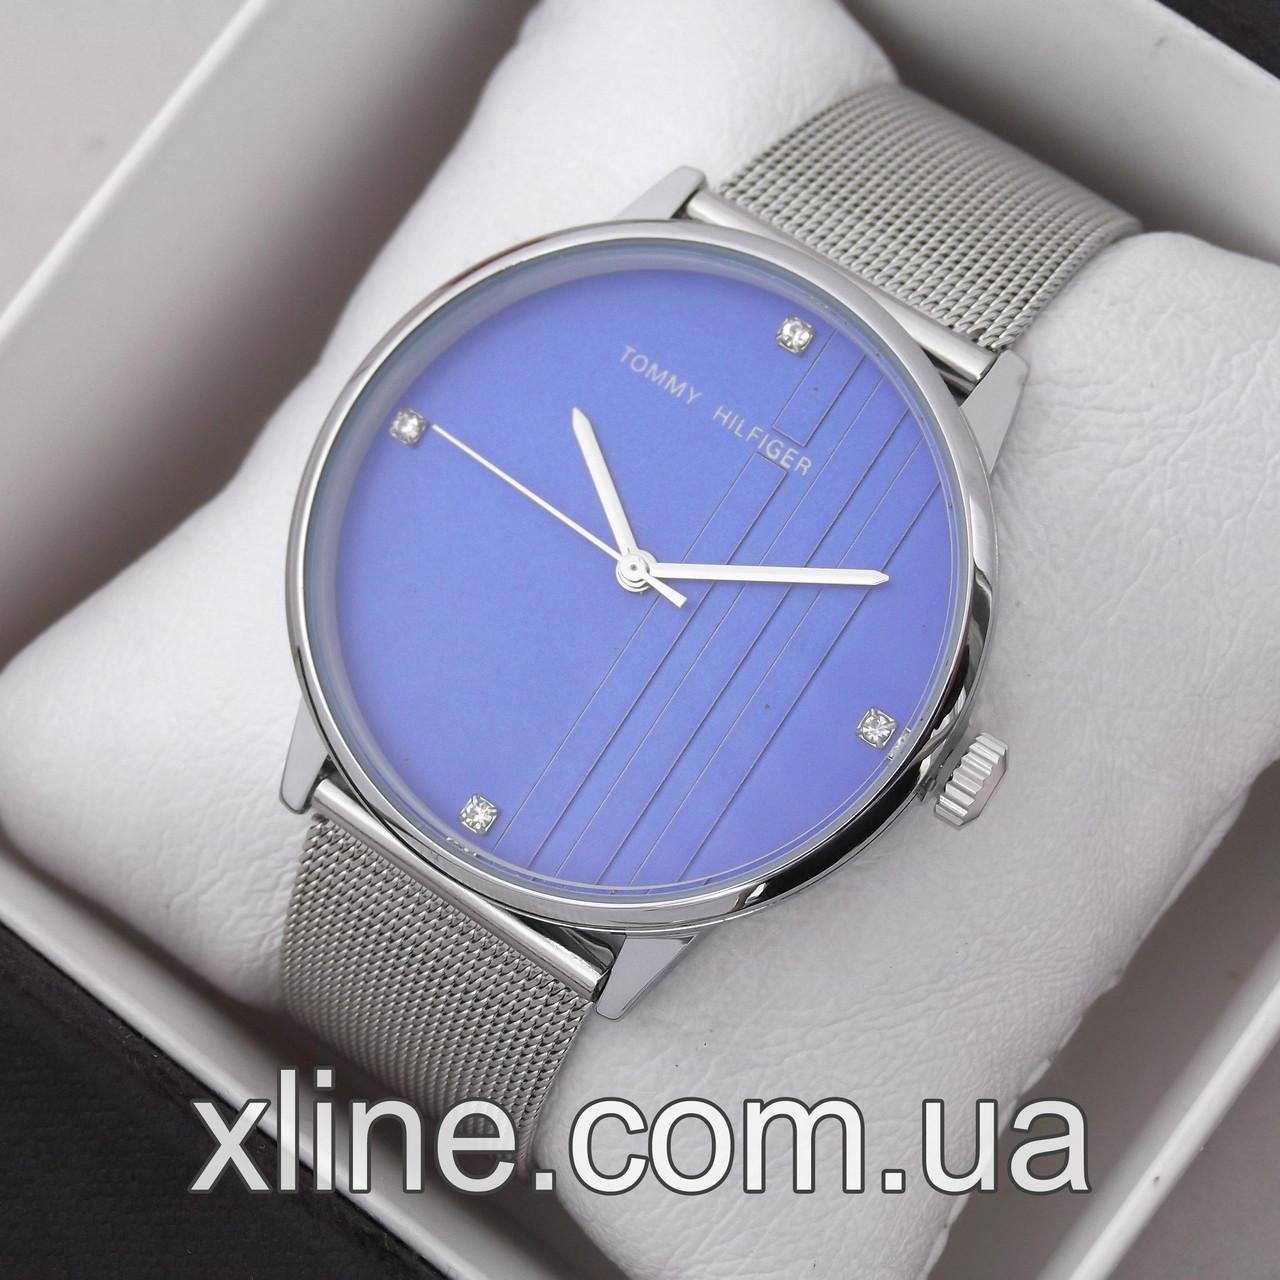 Женские наручные часы Tommy Hilfiger A21-1 на металлическом браслете